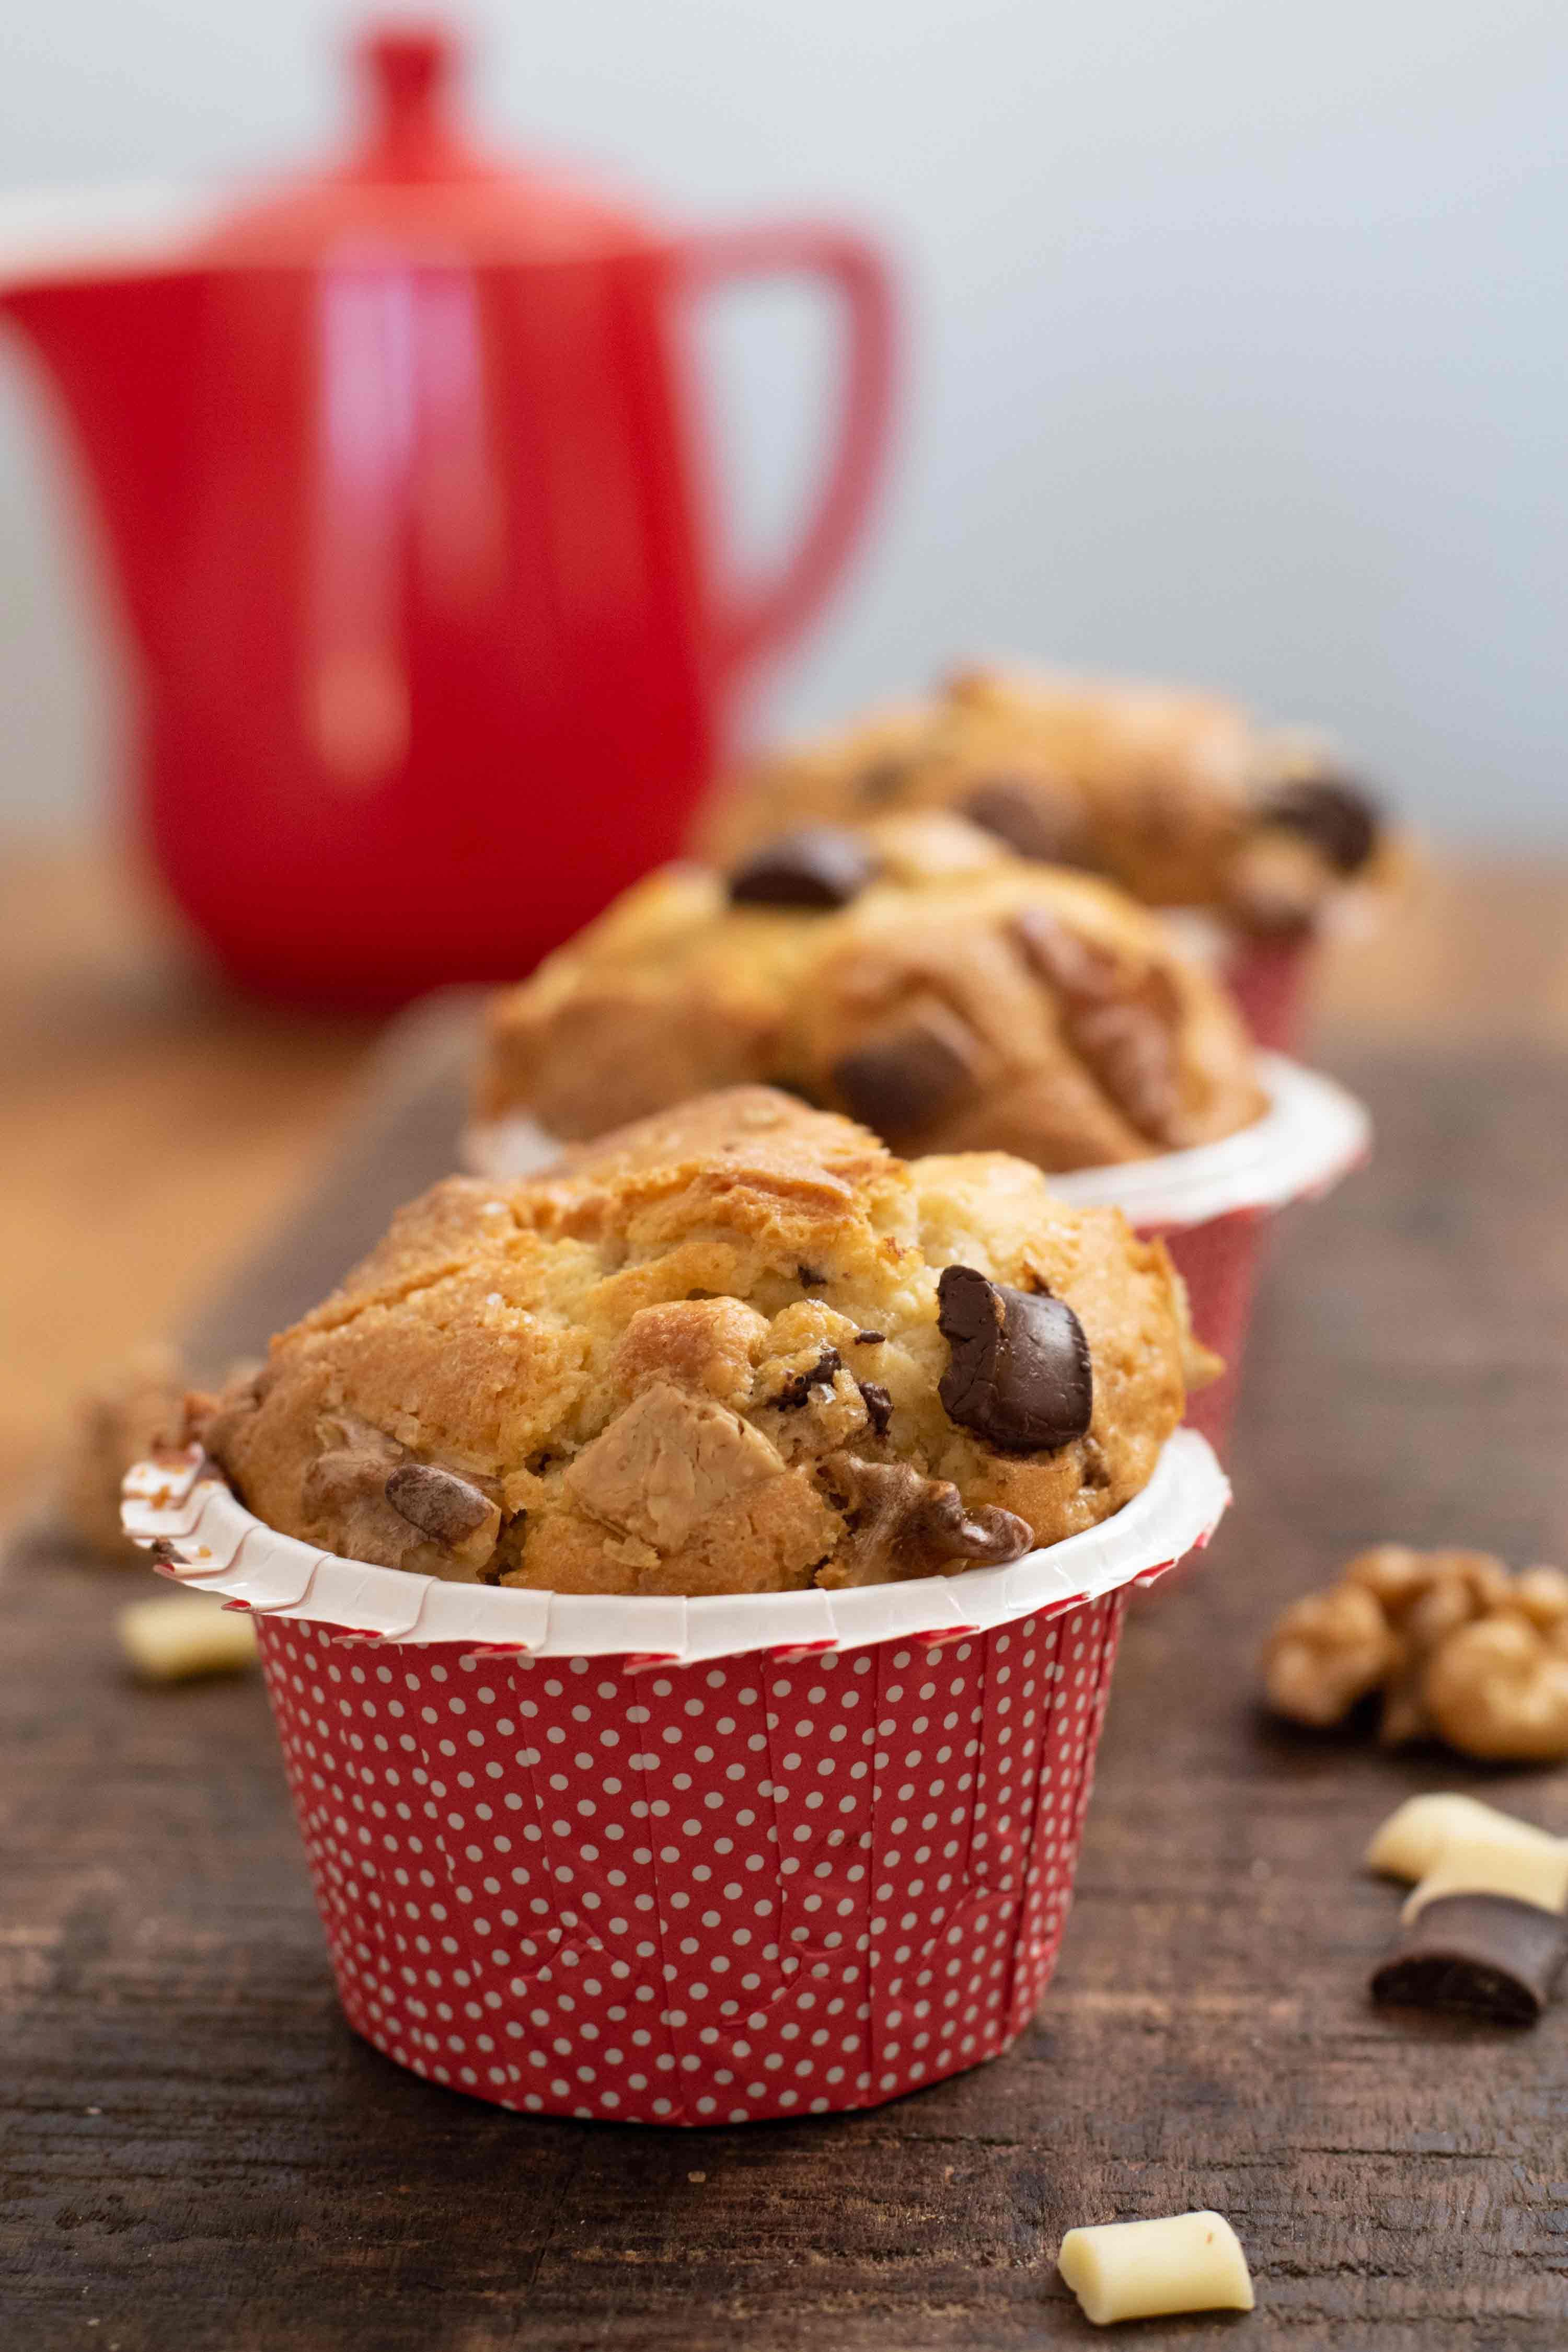 muffins pepites chocolat à pâtisser noix elise dit à table LA PATELIERE